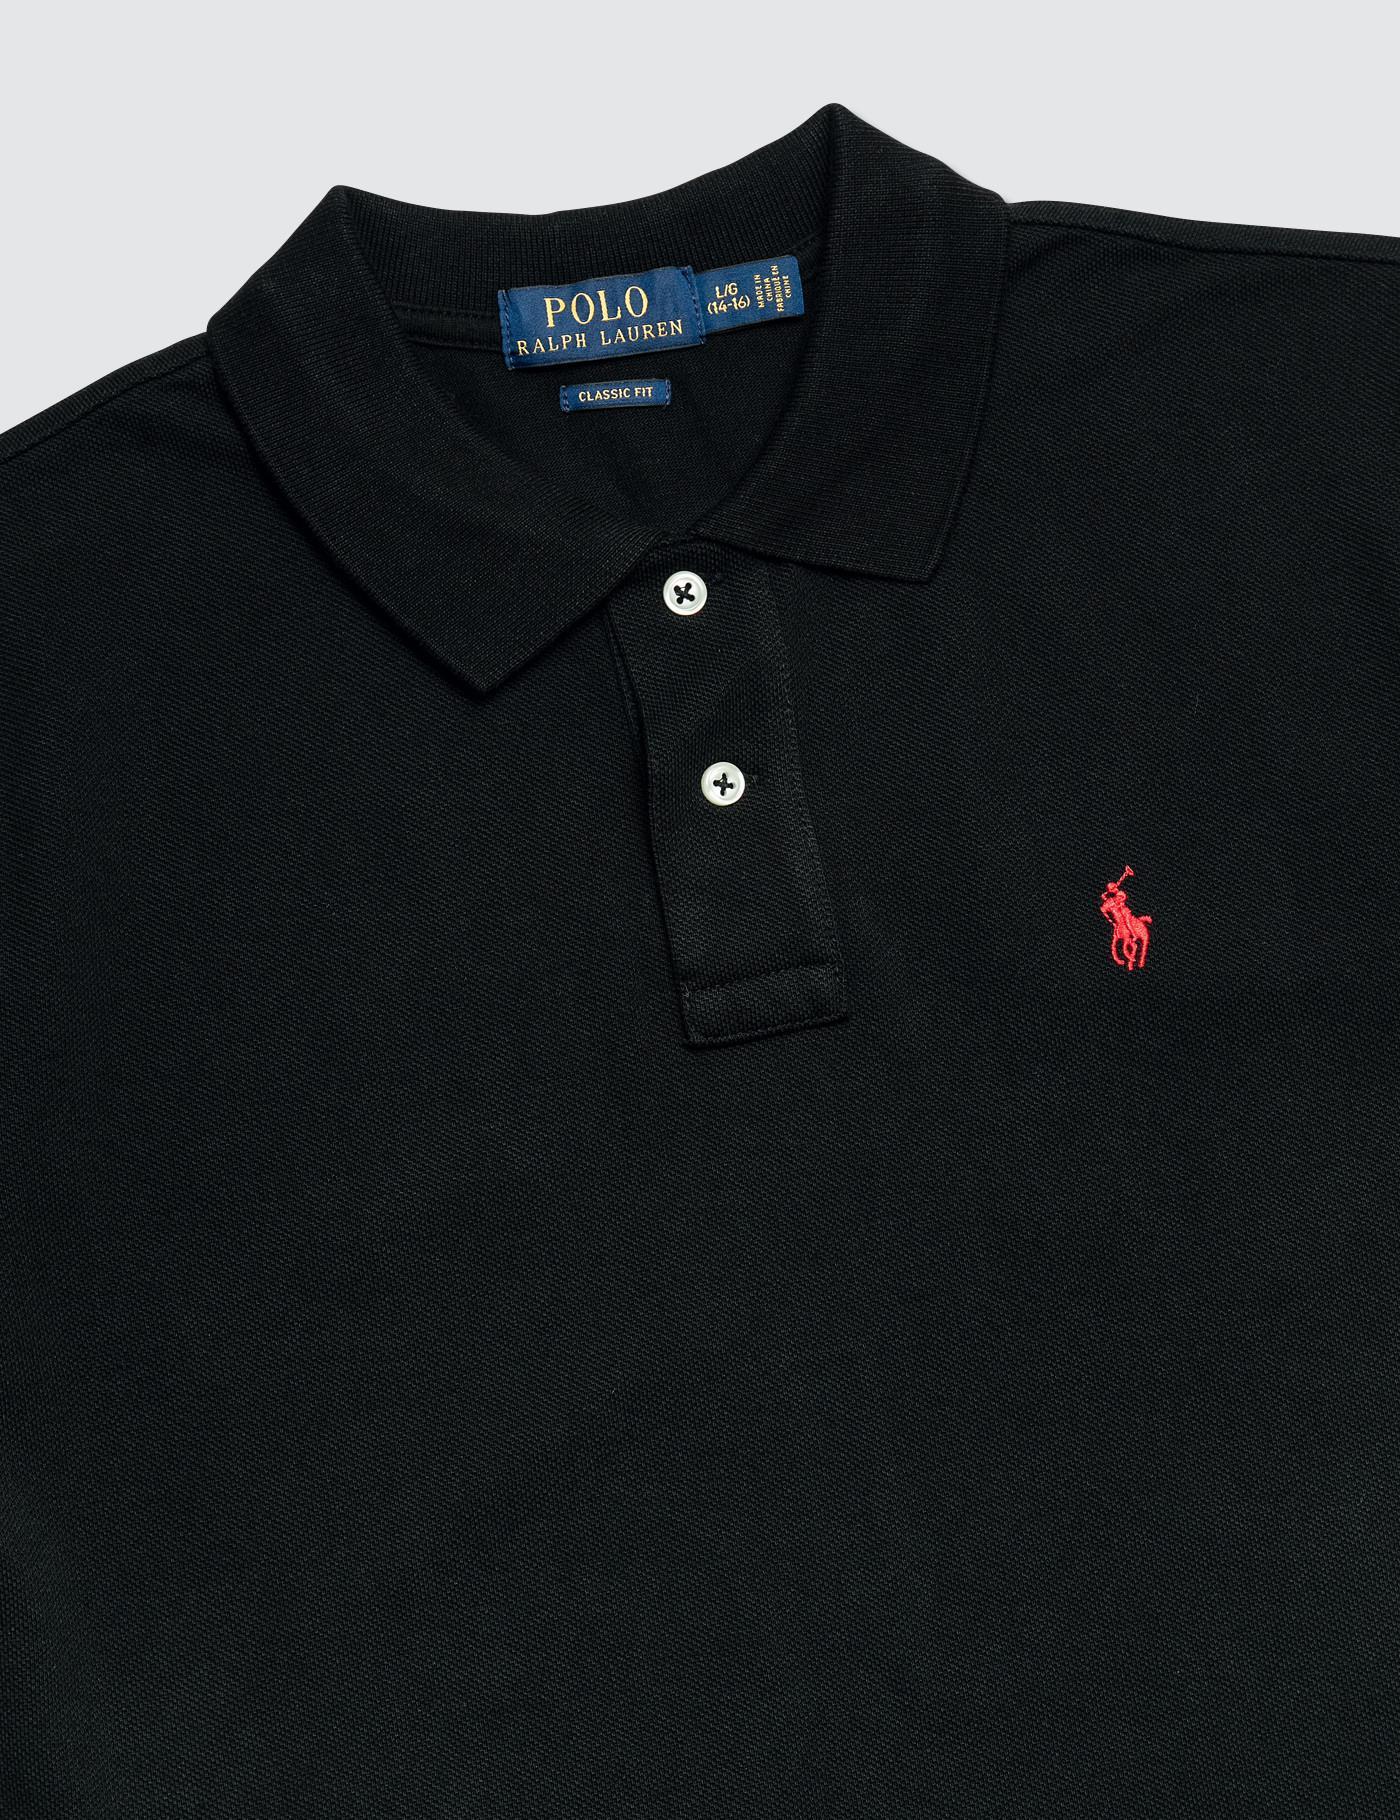 Dreamworks Ralph Lauren T China Shirt Polo SMVUzp